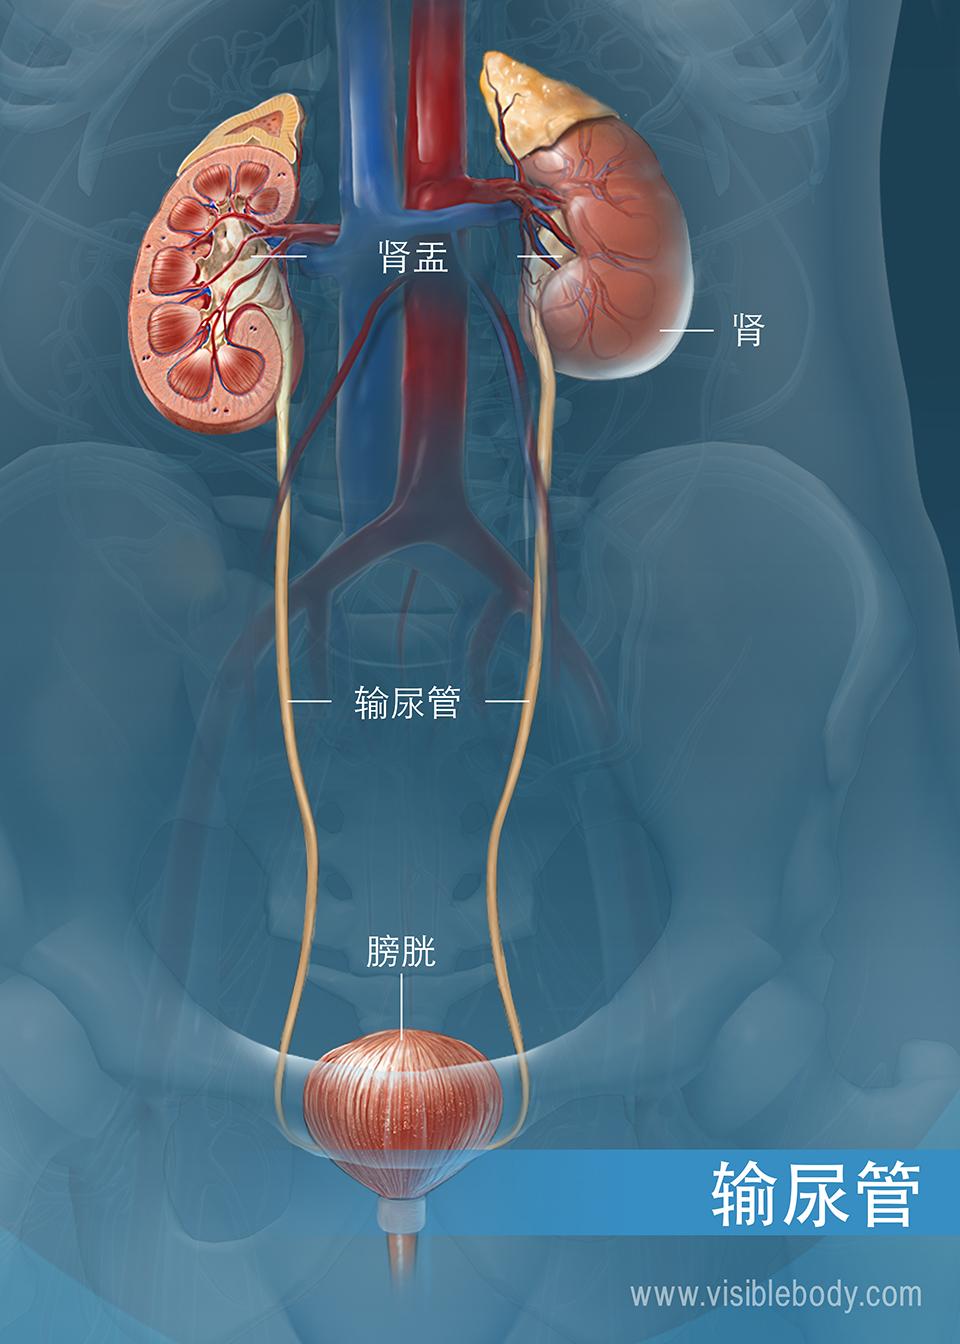 从肾脏走行至膀胱的输尿管